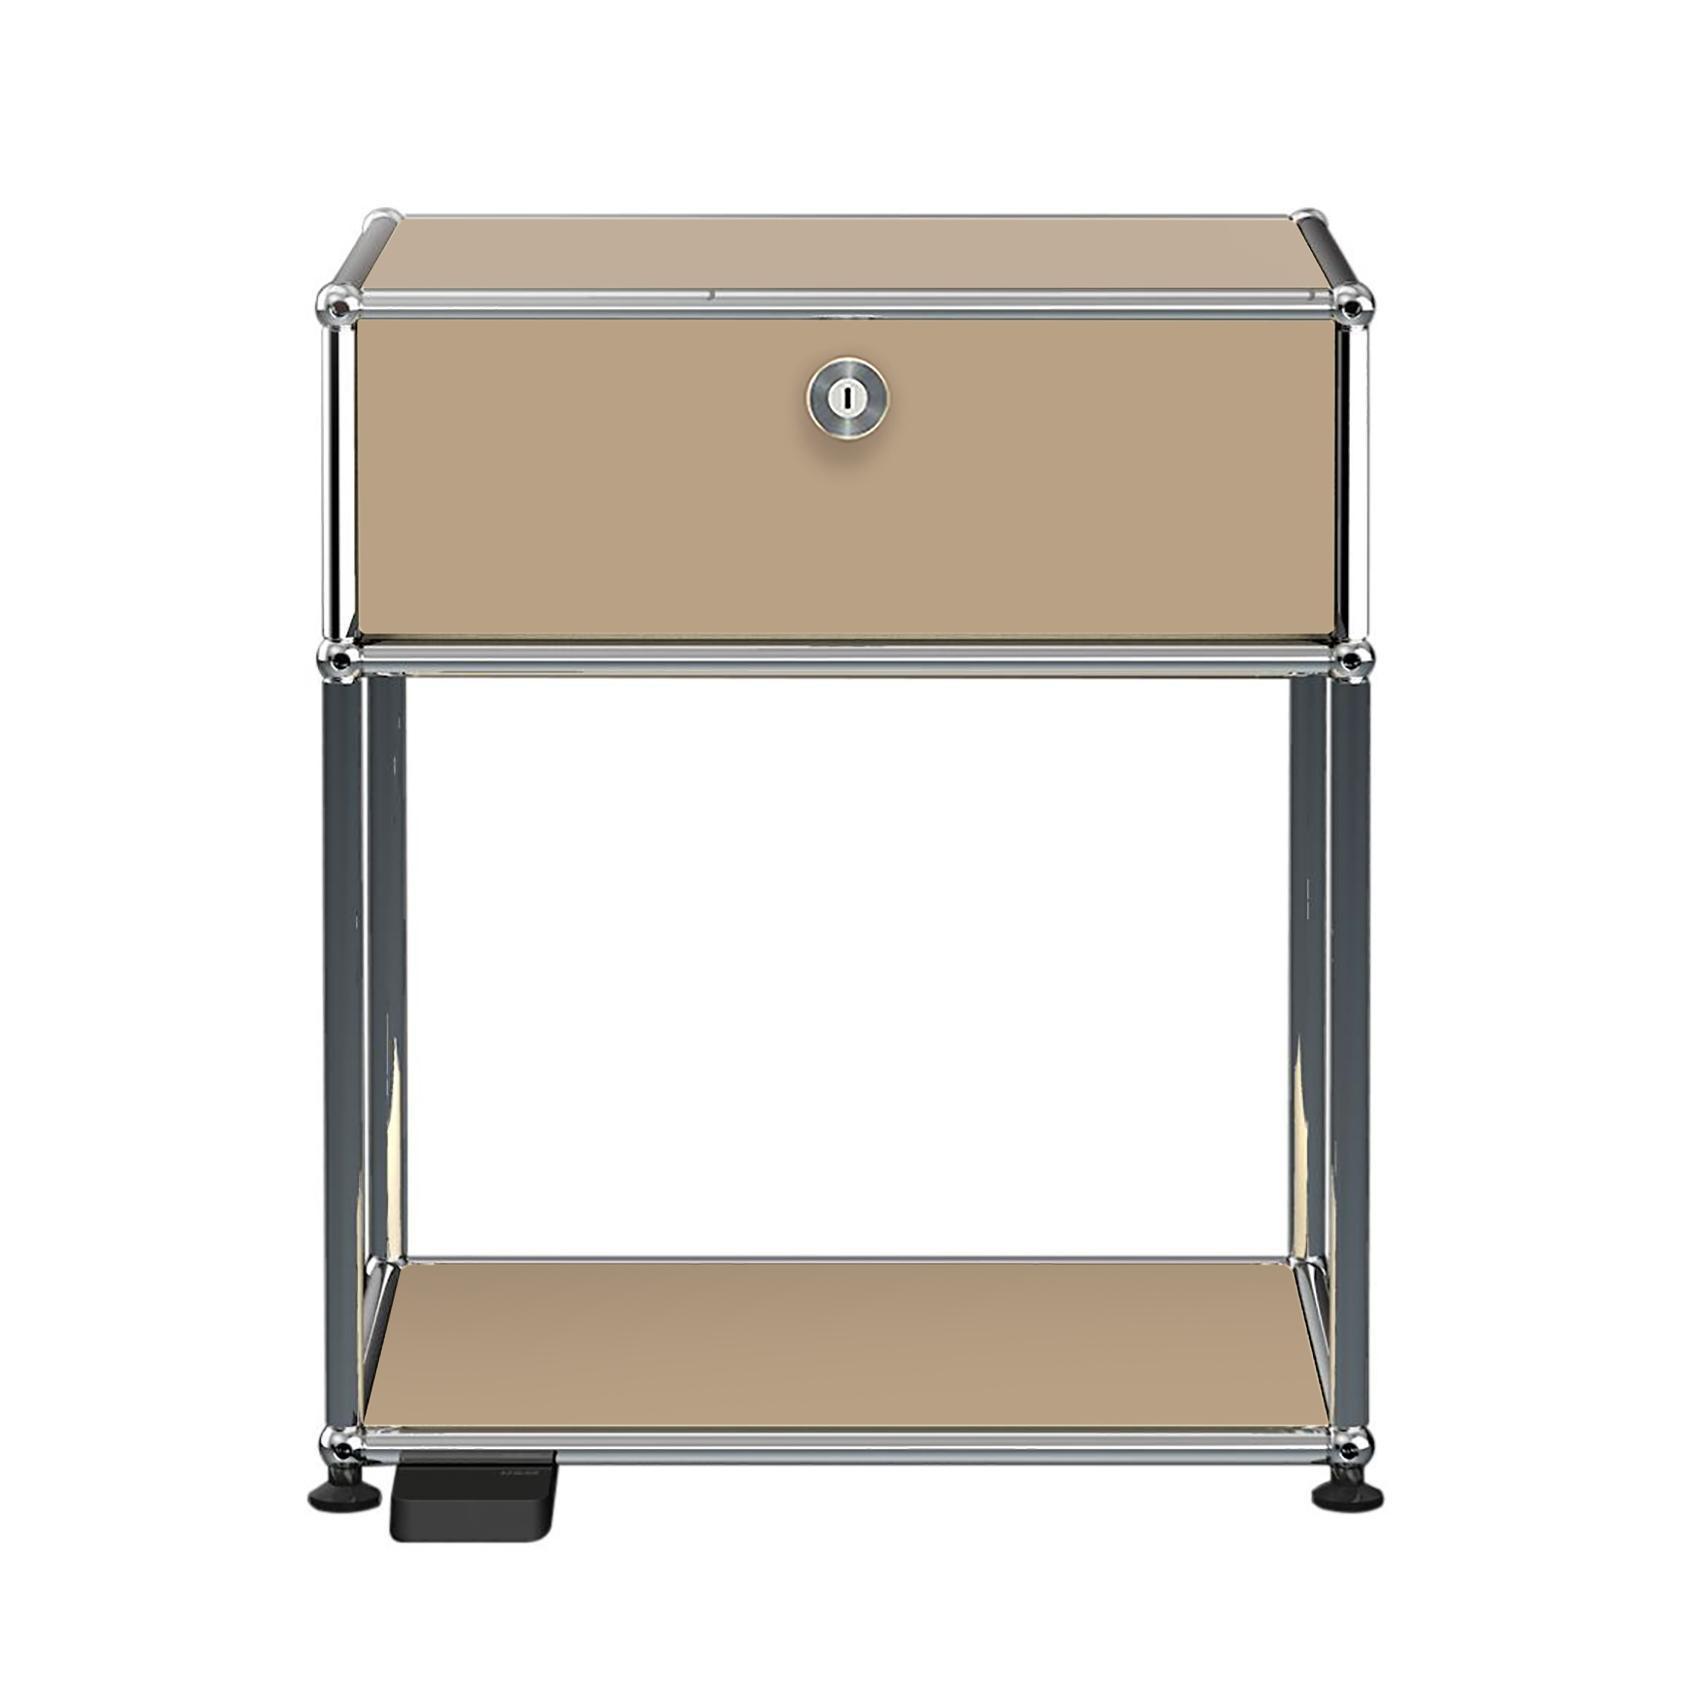 USM E Nachttisch mit dimmbarem Licht - USM beige/mit einer Klapptür/mit dimmbarem Licht | Schlafzimmer > Nachttische | Usm beige | Stahl verchromt | USM